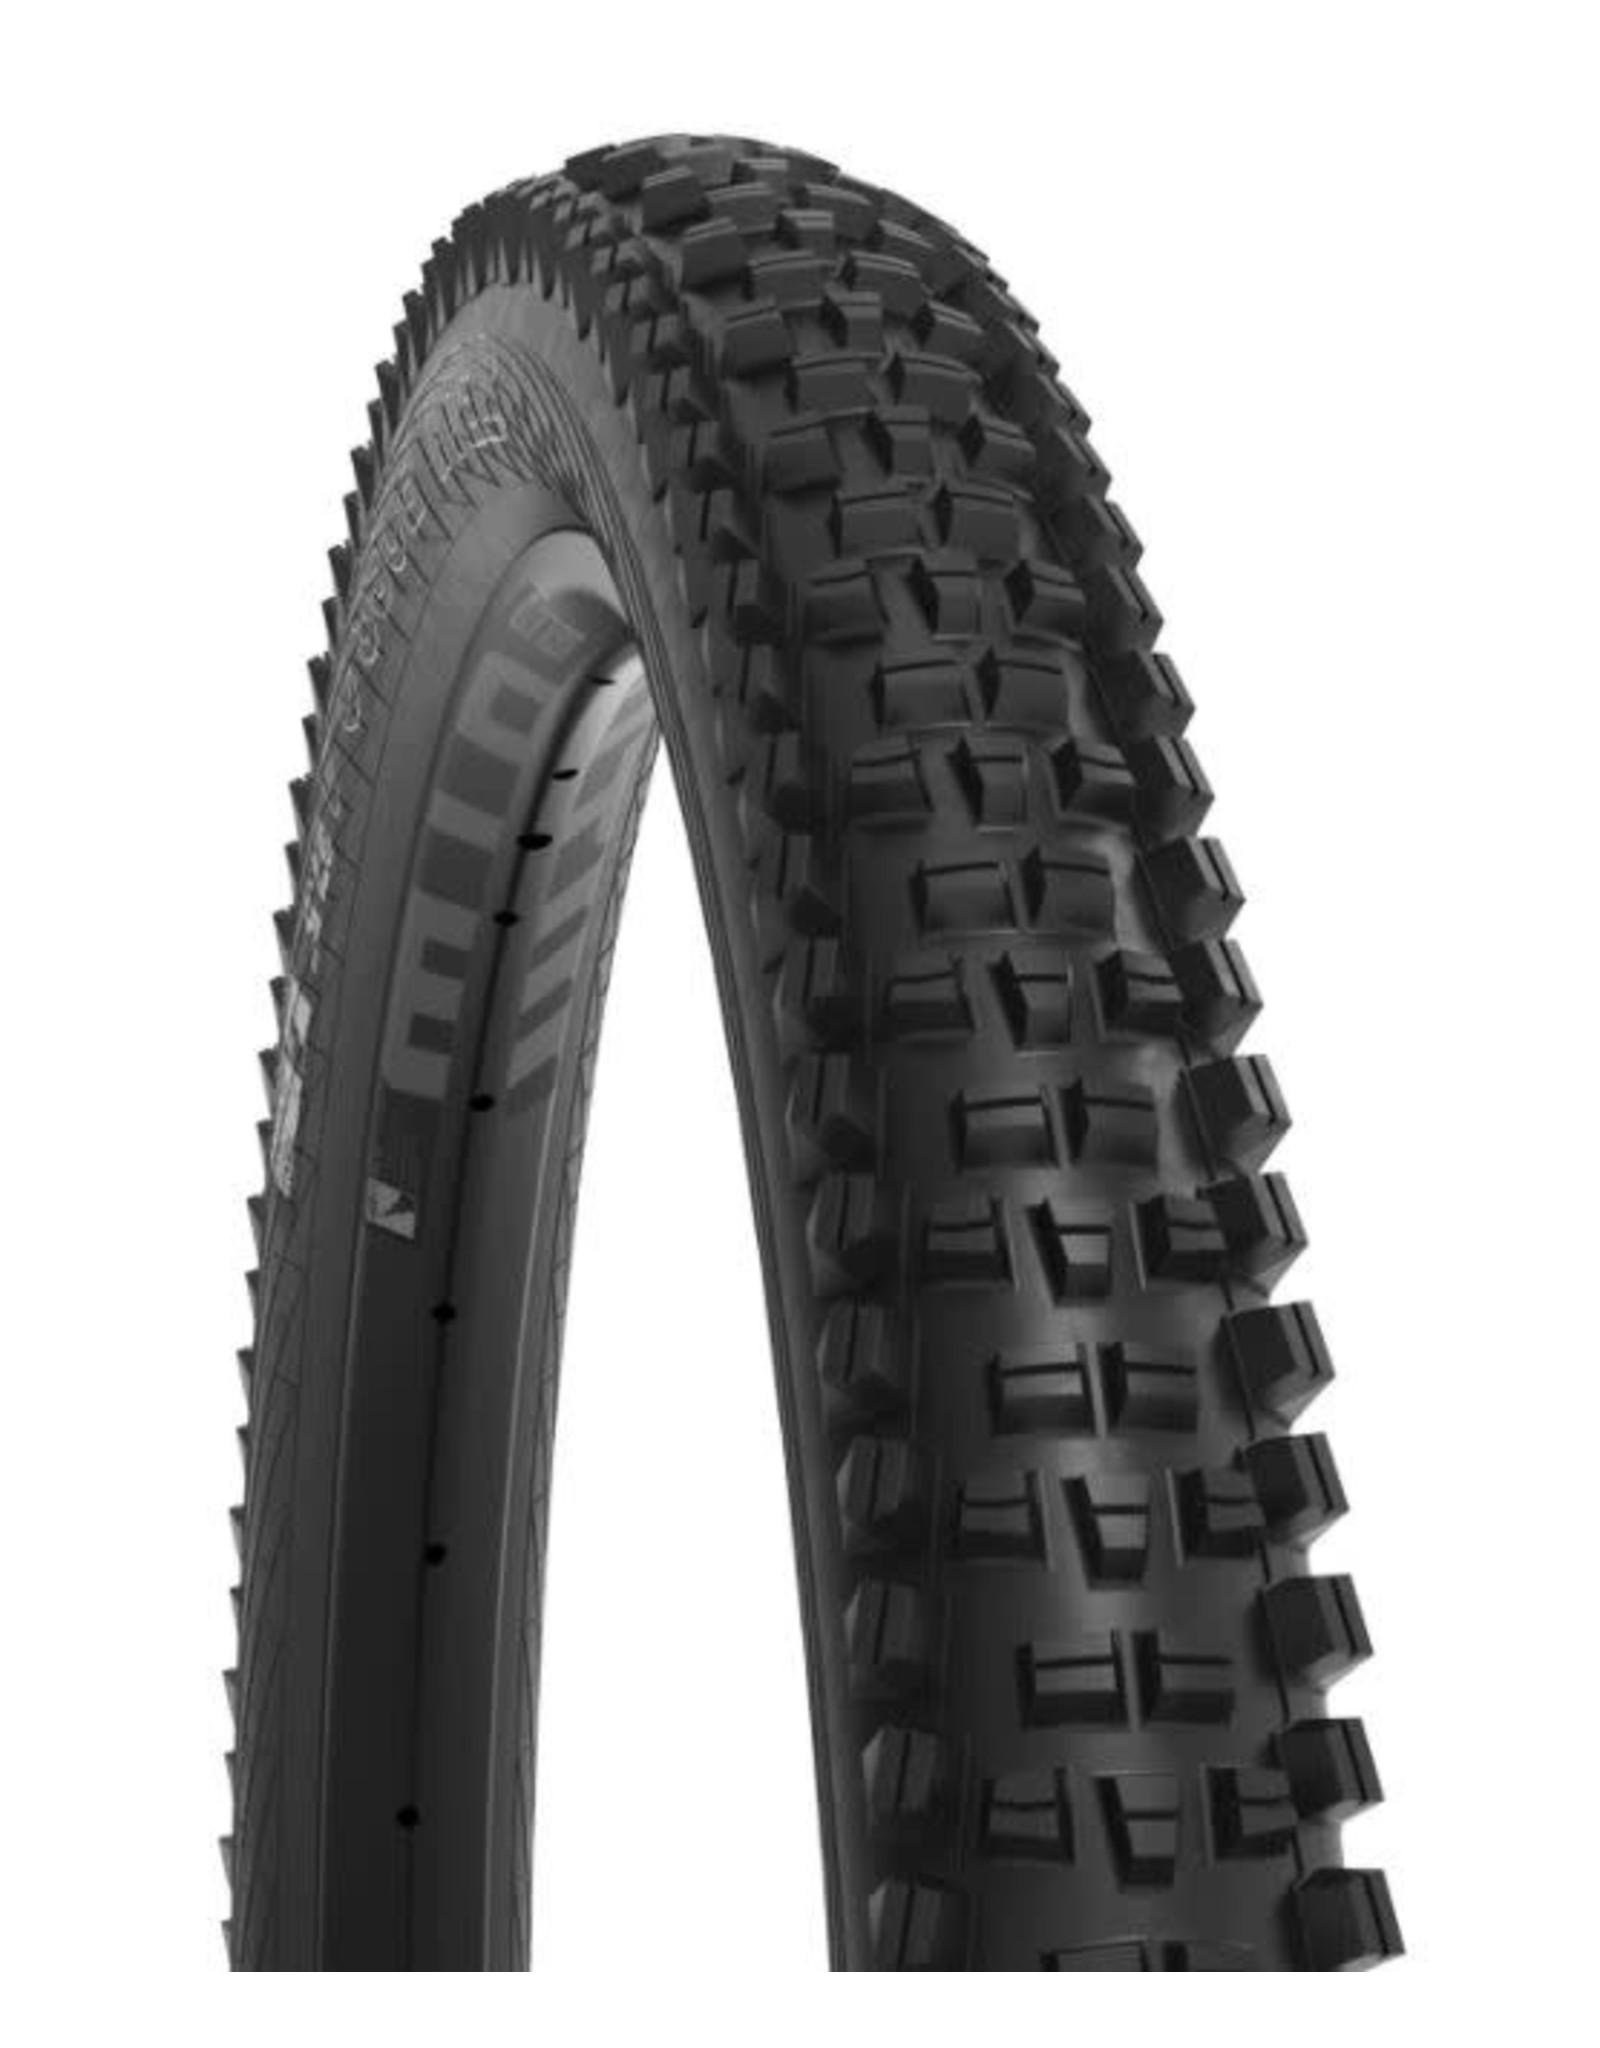 WTB WTB Trail Boss 27.5x2.4 TCS Fast Roll Tire